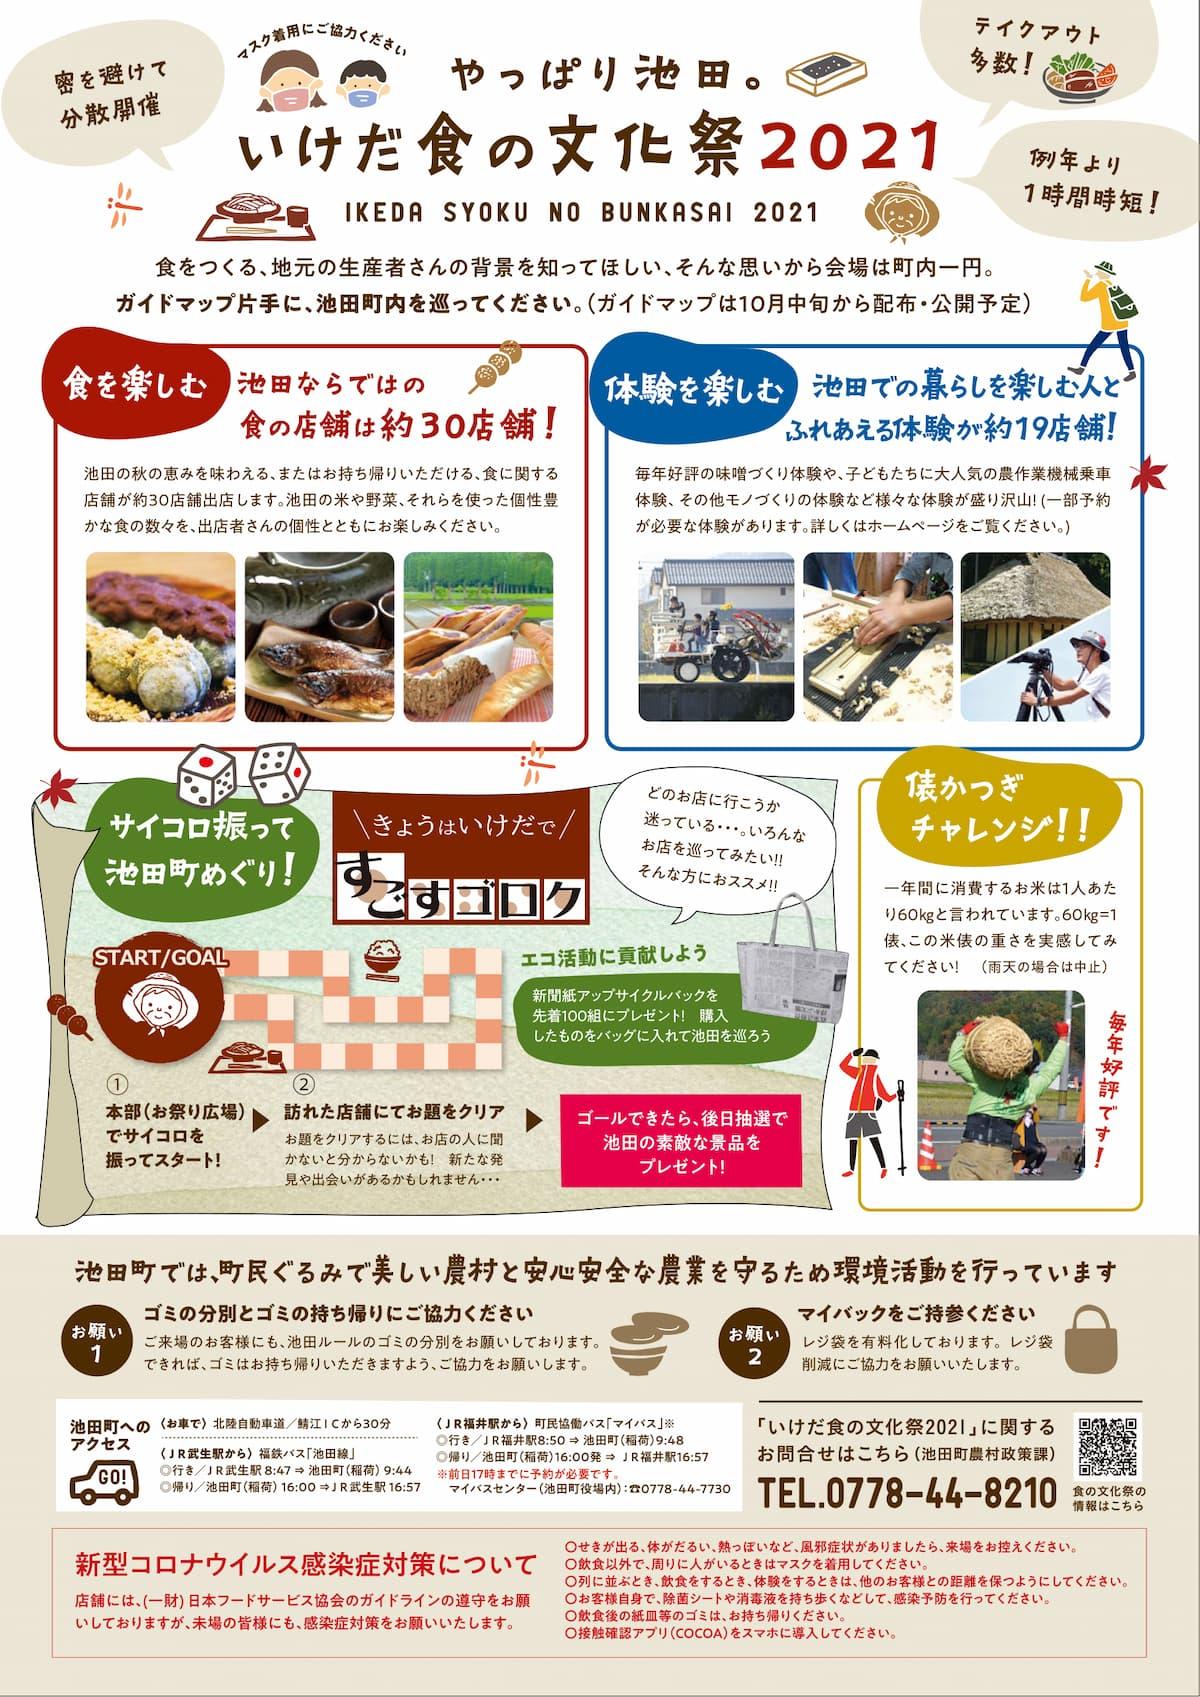 自然の恵みに感謝し、池田の食と文化を楽しむ「いけだ食の文化祭2021」/福井県池田町